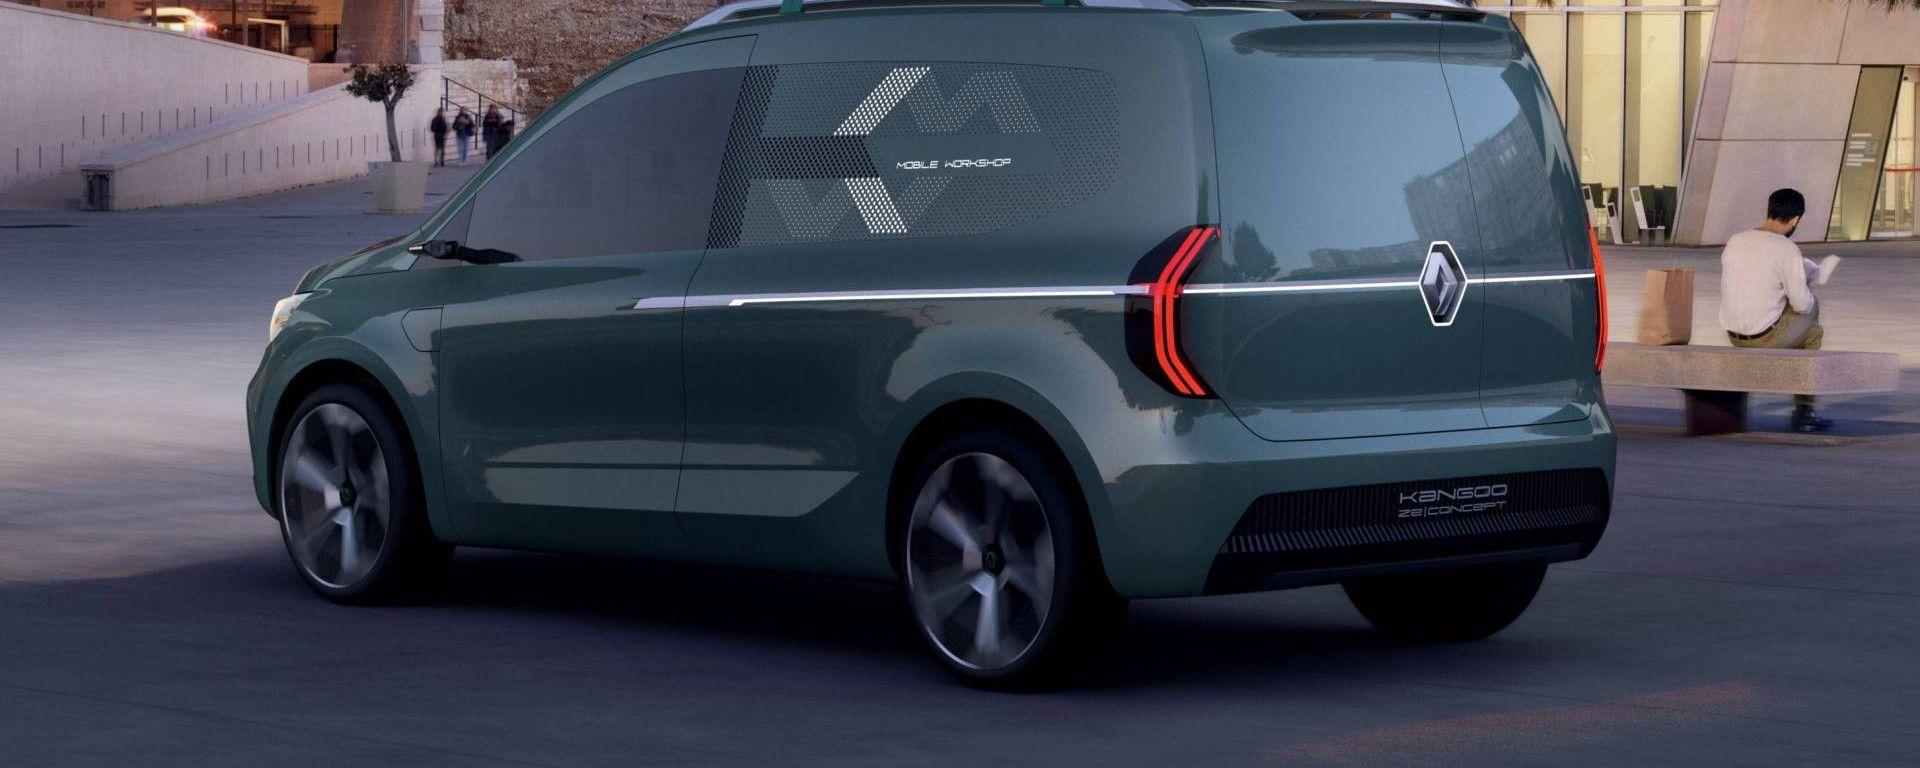 Nuovo Renault Kangoo Z E 2020 Concept Dimensioni